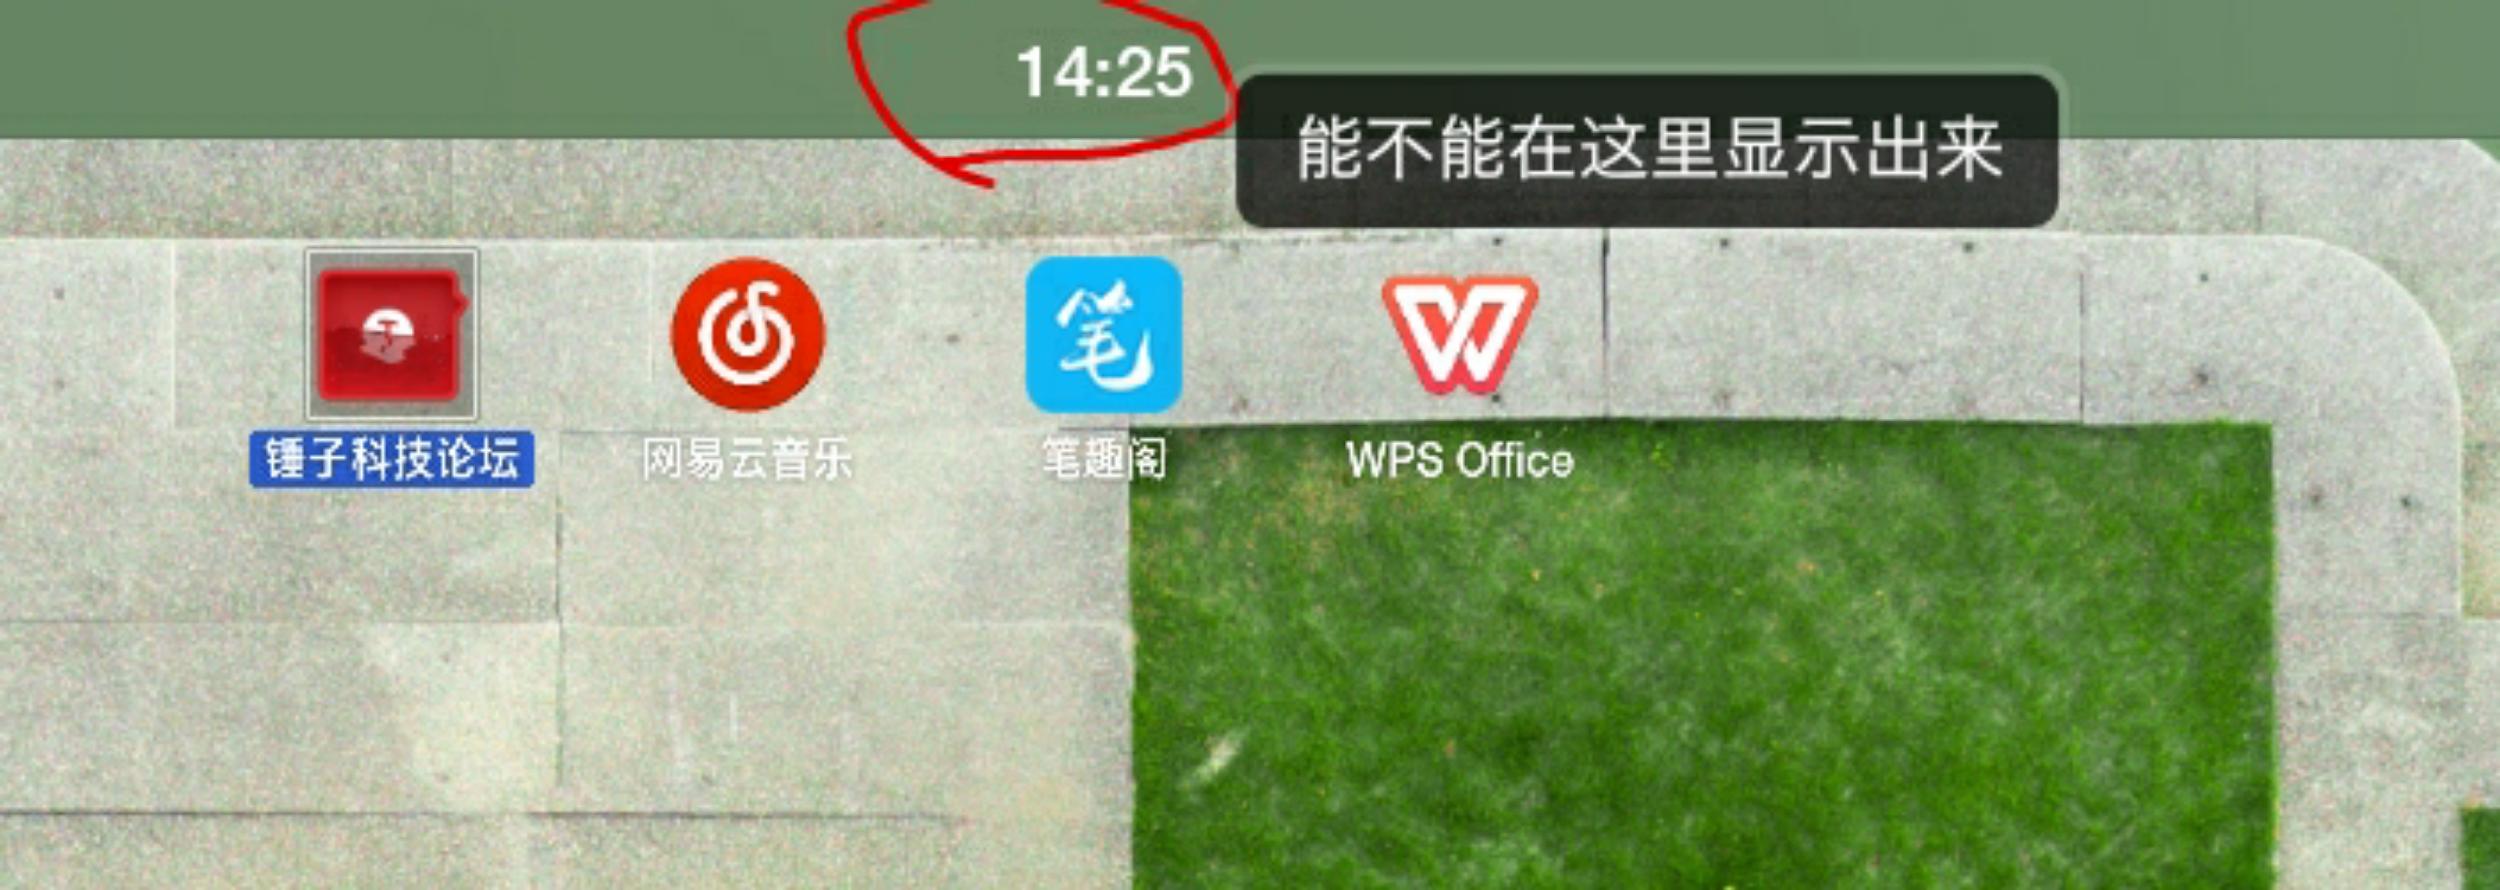 ??_Screenshot_2019-03-21-14-25-26-936_crop.jpg